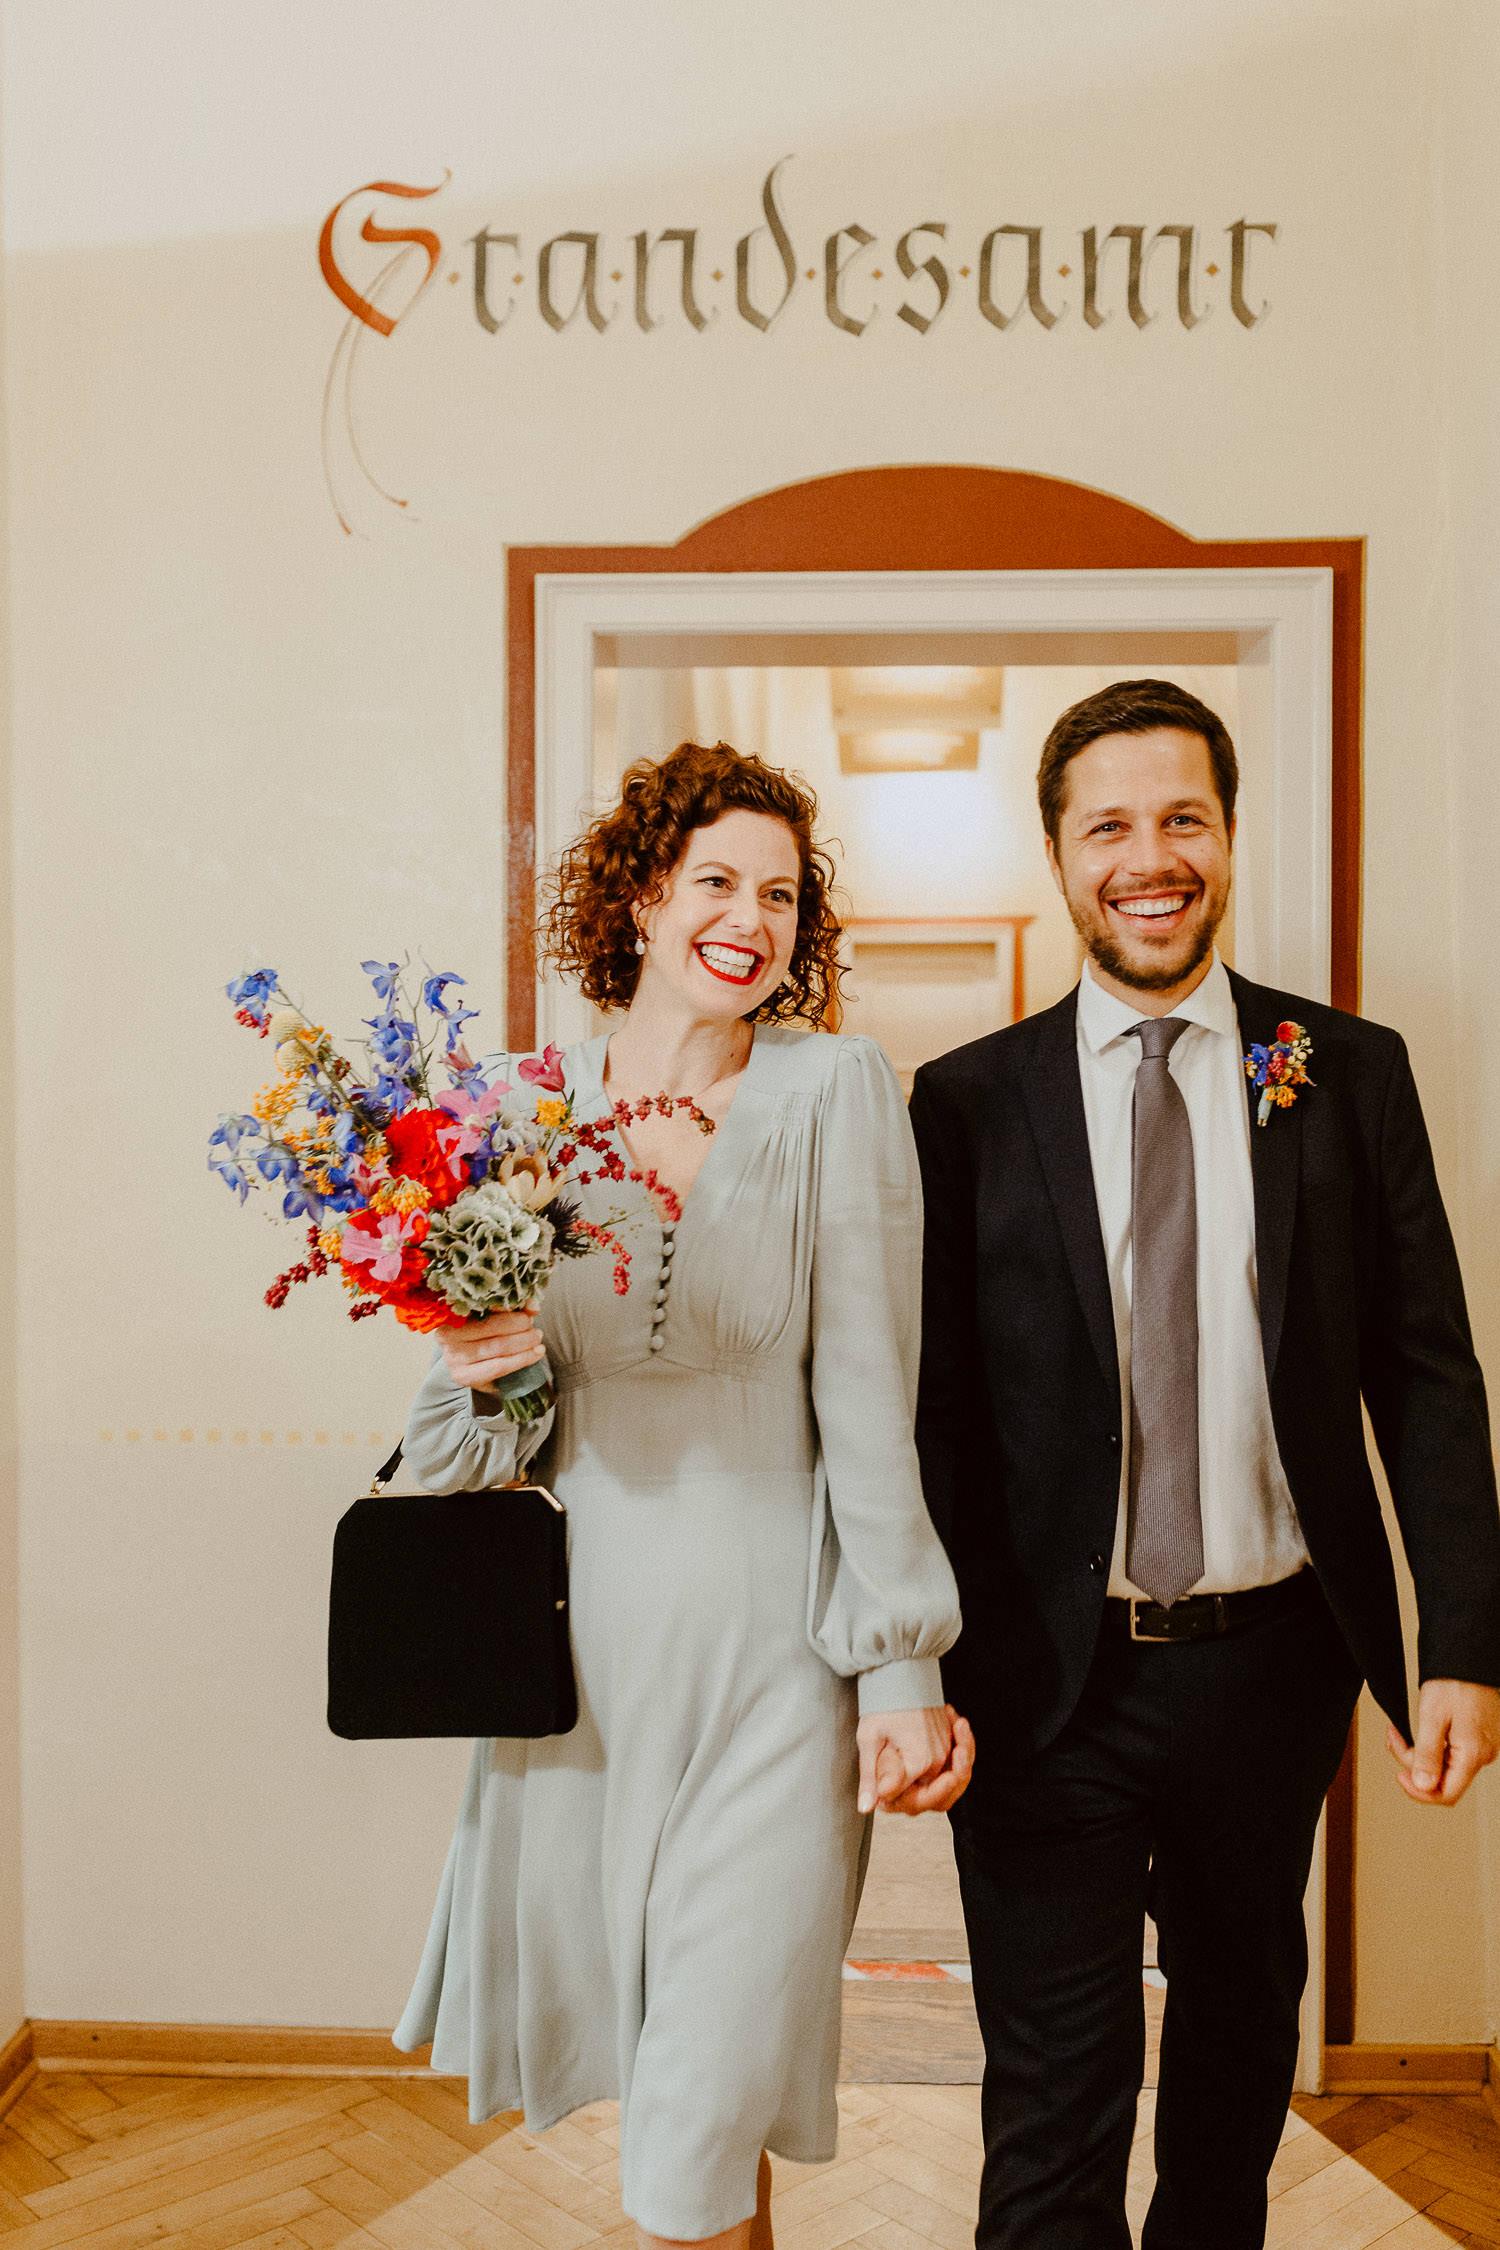 Brautpaar kommt aus dem Standesamt Rietberg